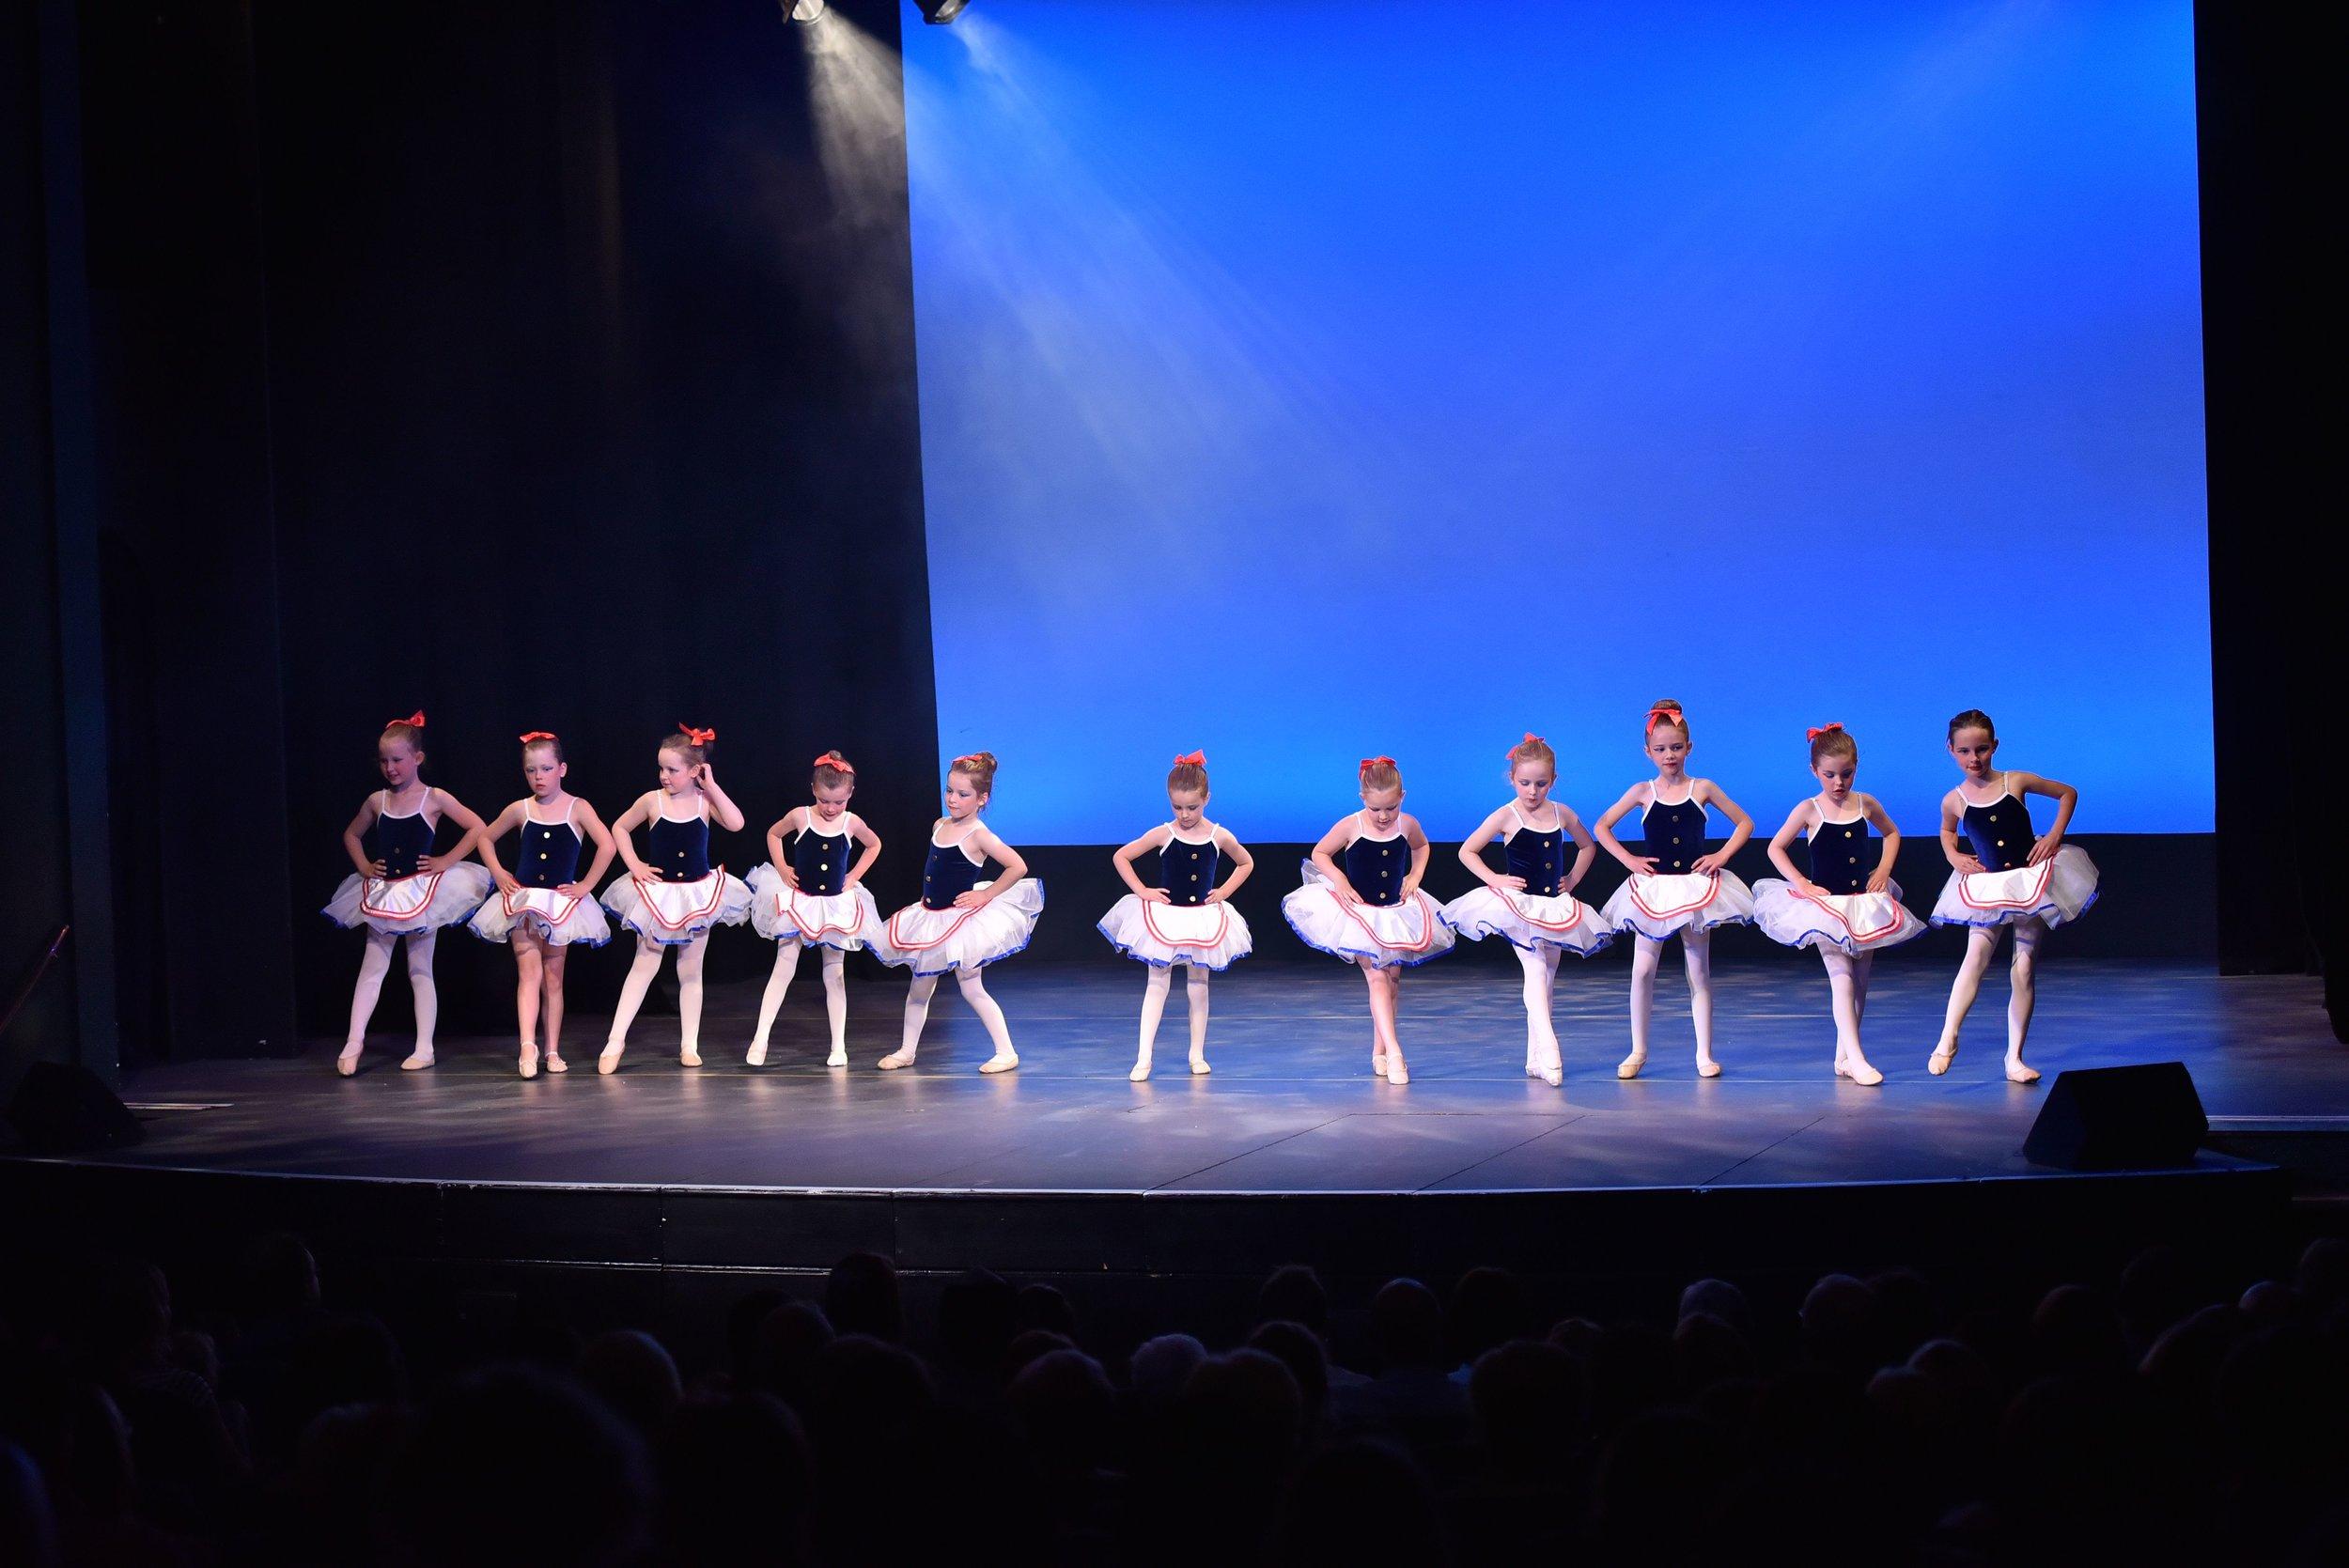 Dance classes in York, Uk for all children,